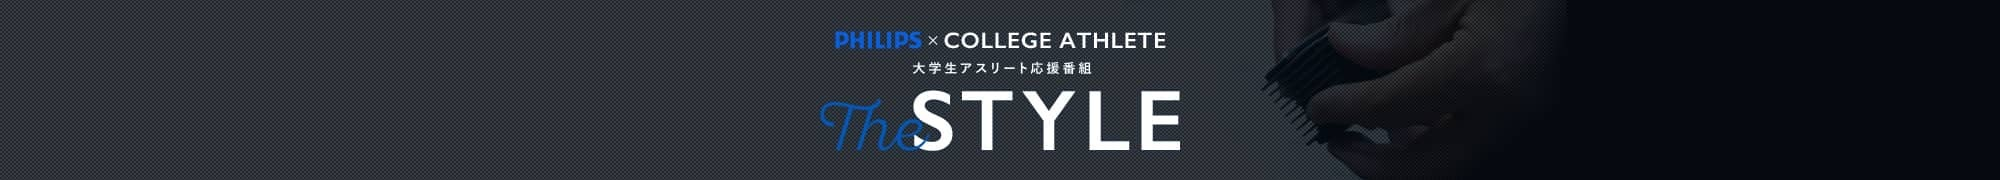 大学アスリート応援番組「THE STYLE」は、フィリップス社グルーミングシリーズのサポートにより 現役で活躍する大学アスリートをカッコよく変身させる番組です。勉強に、練習に多忙…